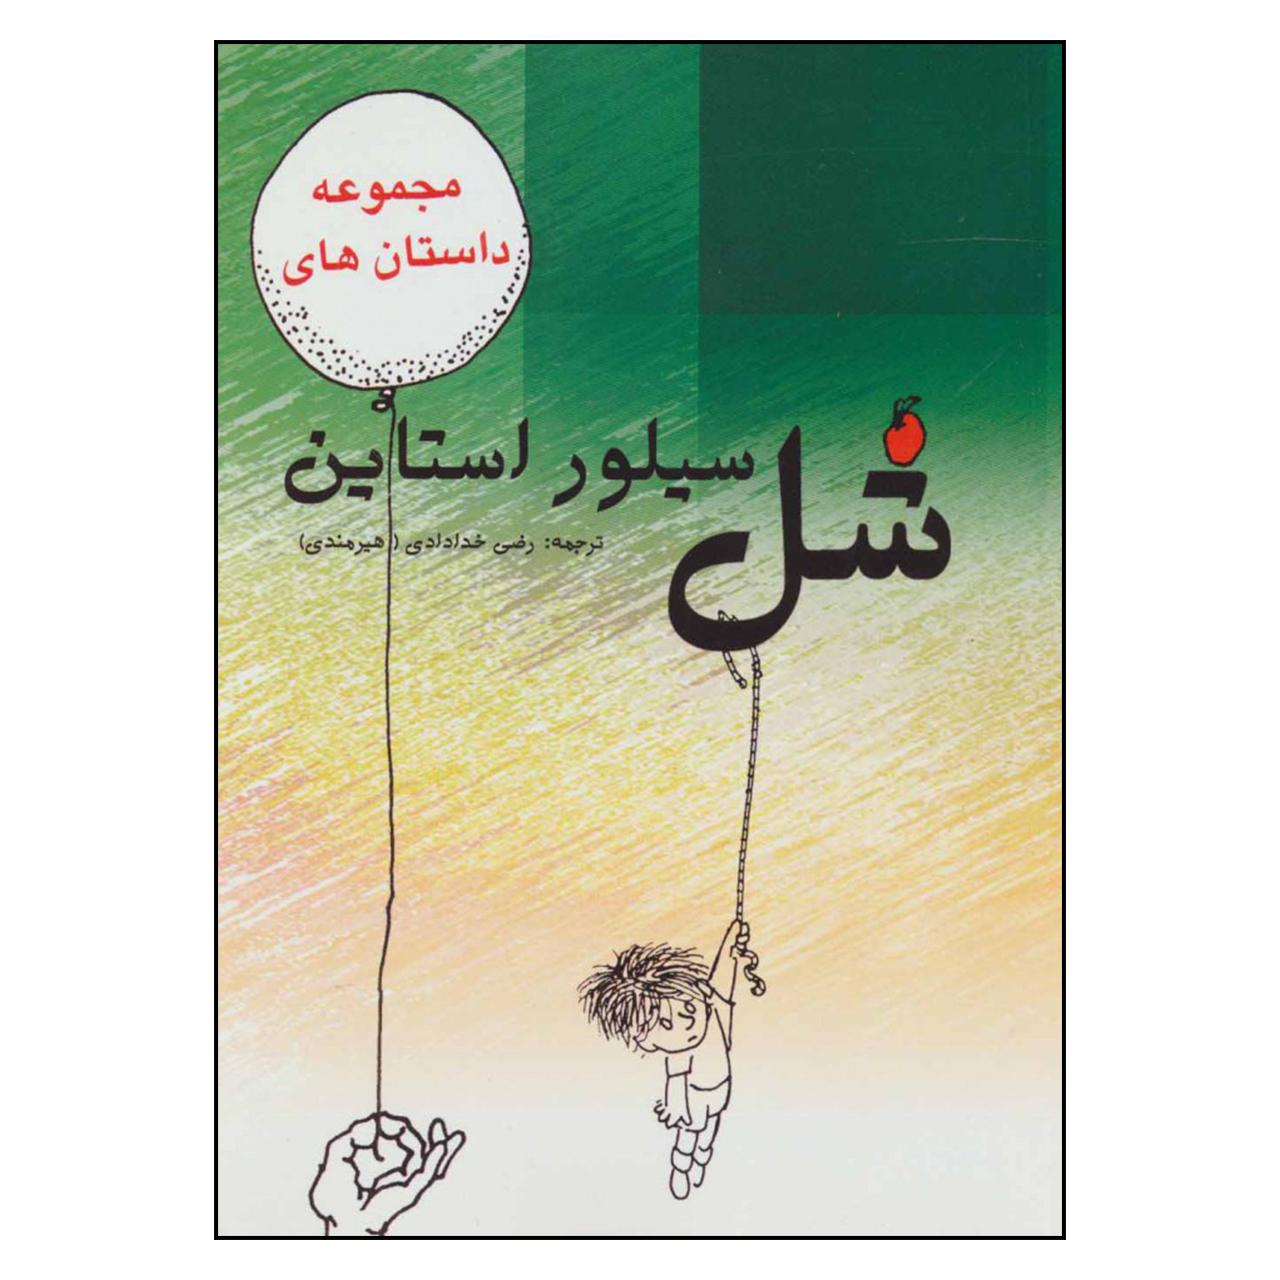 خرید                      کتاب مجموعه داستان های شل سیلور استاین اثر  شل سیلور استاین انتشارات هستان